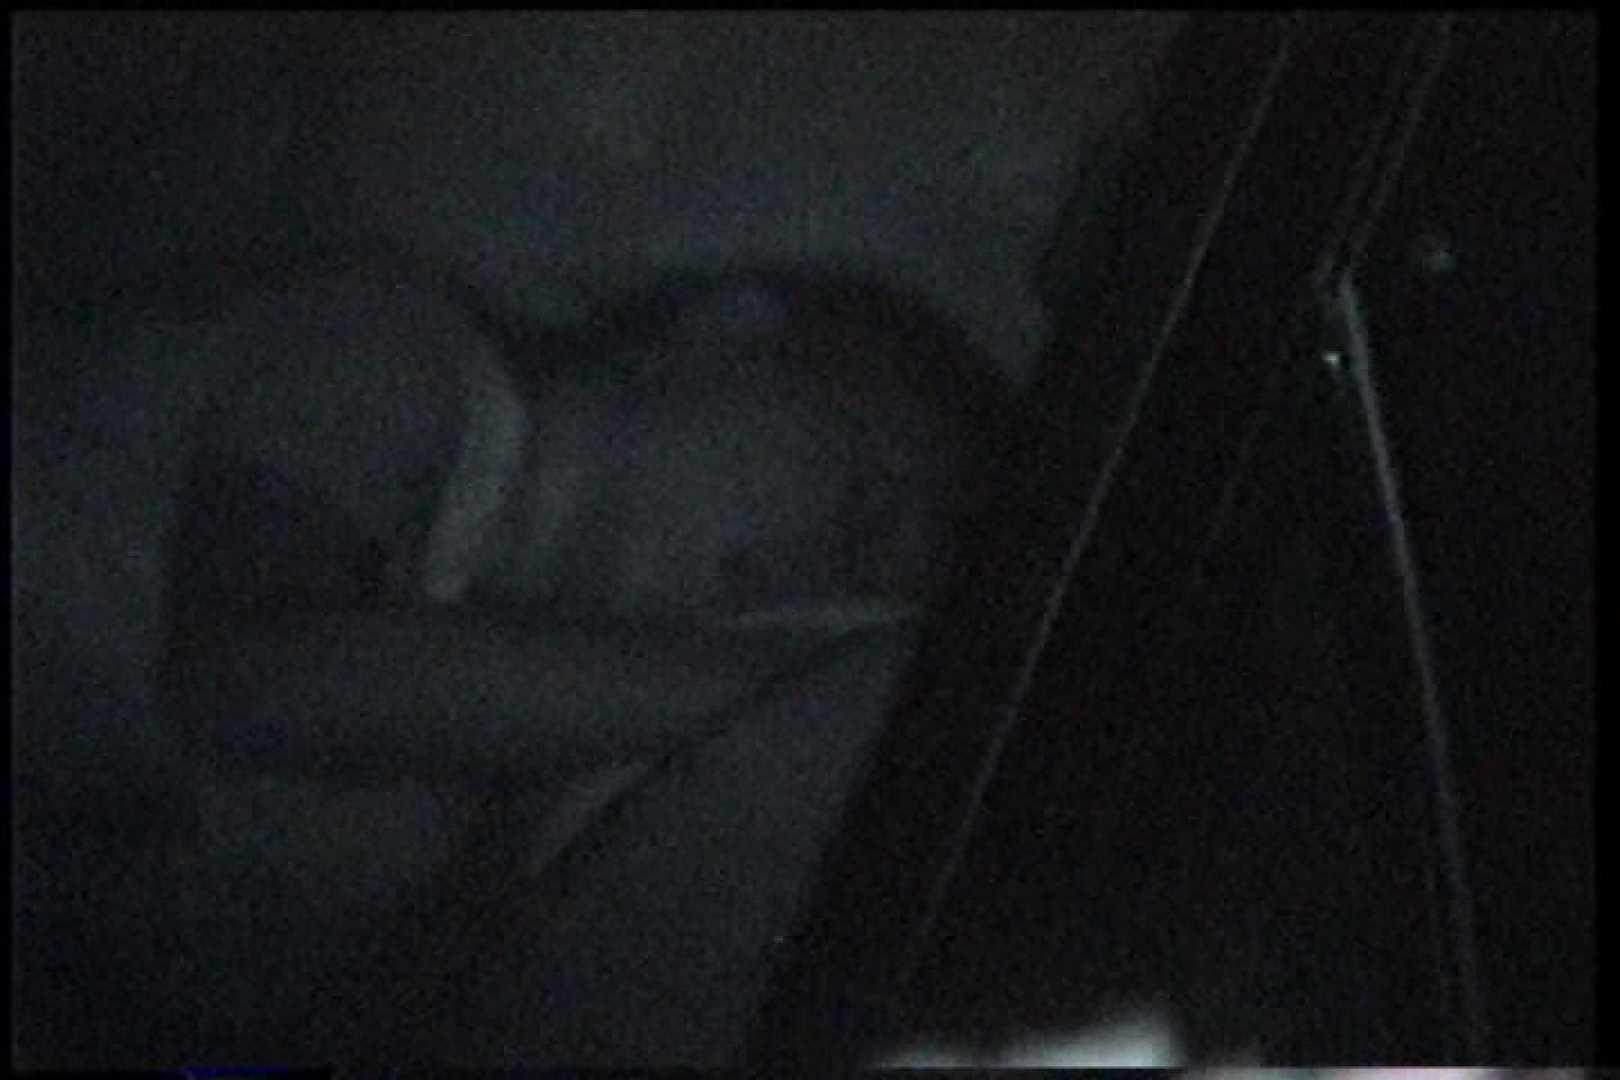 充血監督の深夜の運動会Vol.240 OLエロ画像  62PICs 4